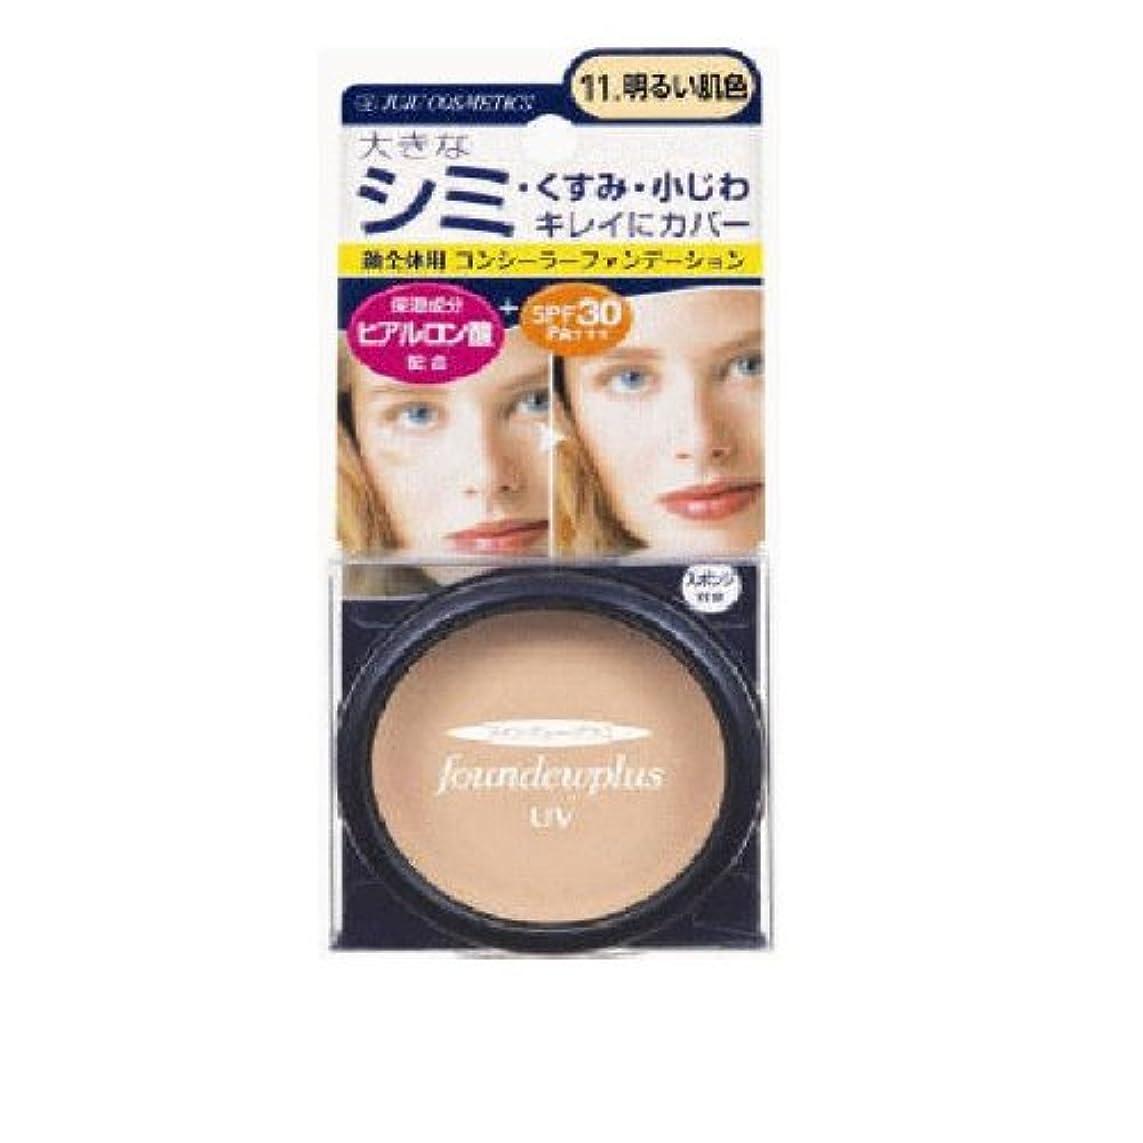 ファンデュープラスR UVコンシーラーファンデーション 11.明るい肌色